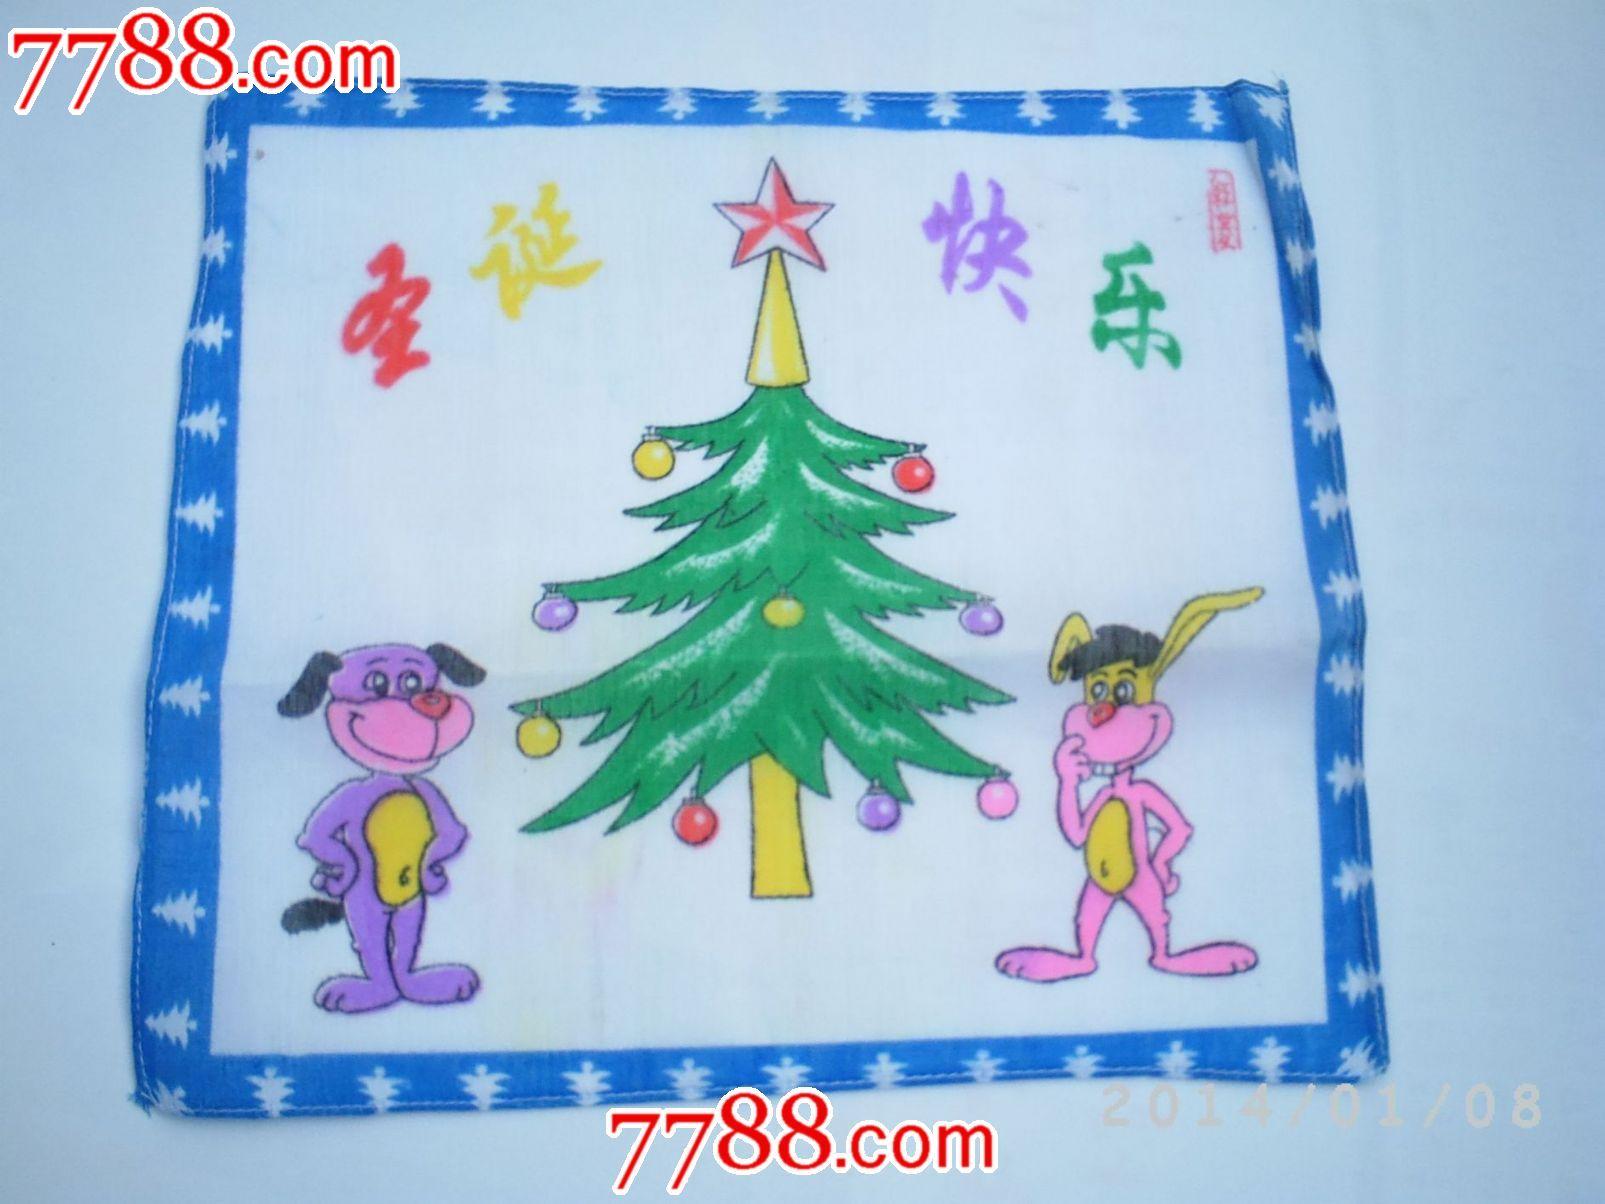 【圣诞快乐】手绢--未使用过的_价格10元_第1张_中国收藏热线